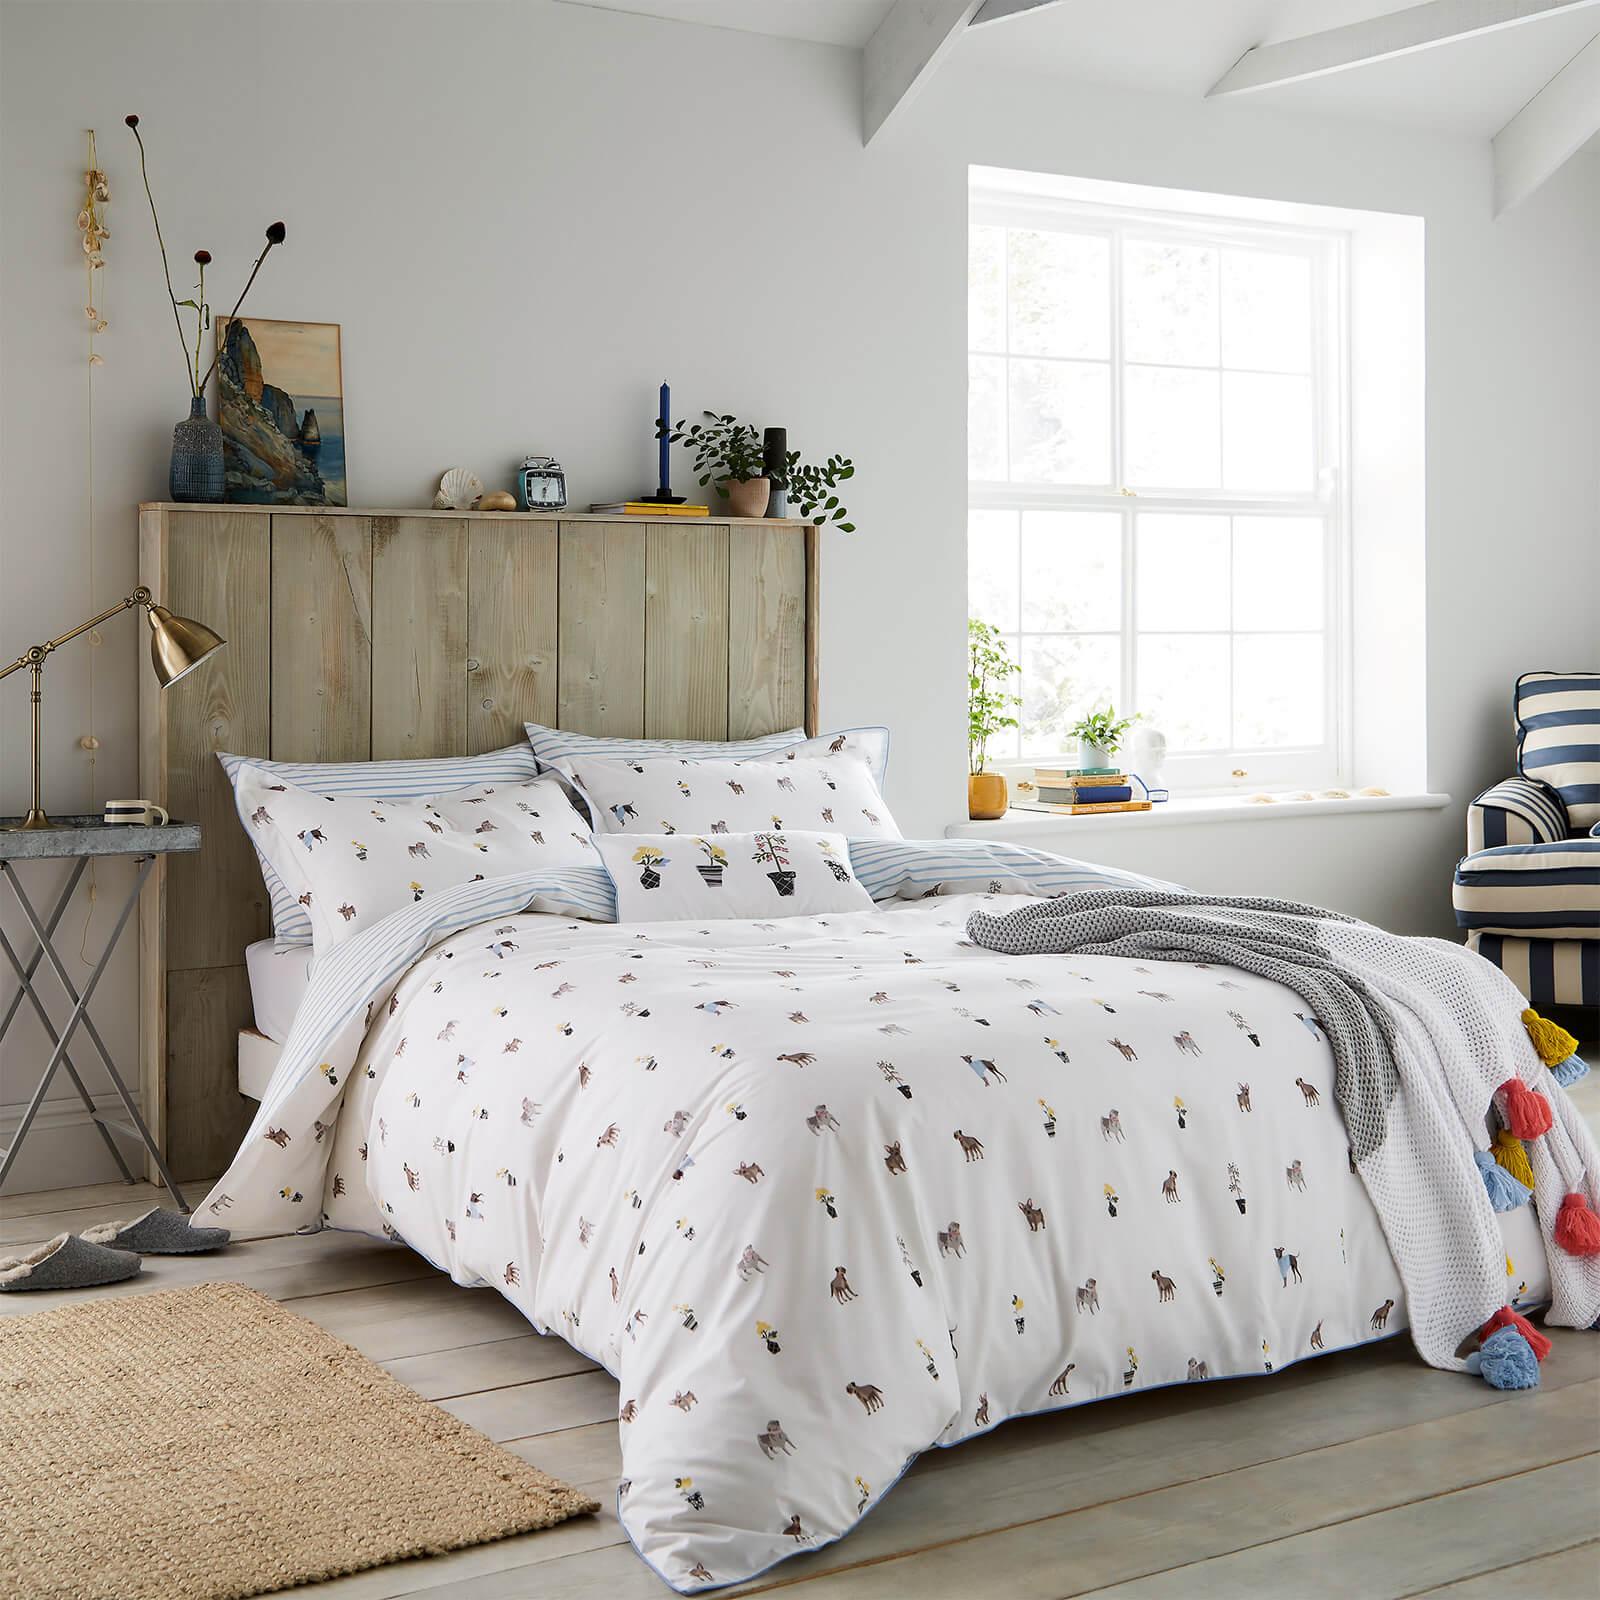 Joules Garden Dogs Duvet Cover - White - King